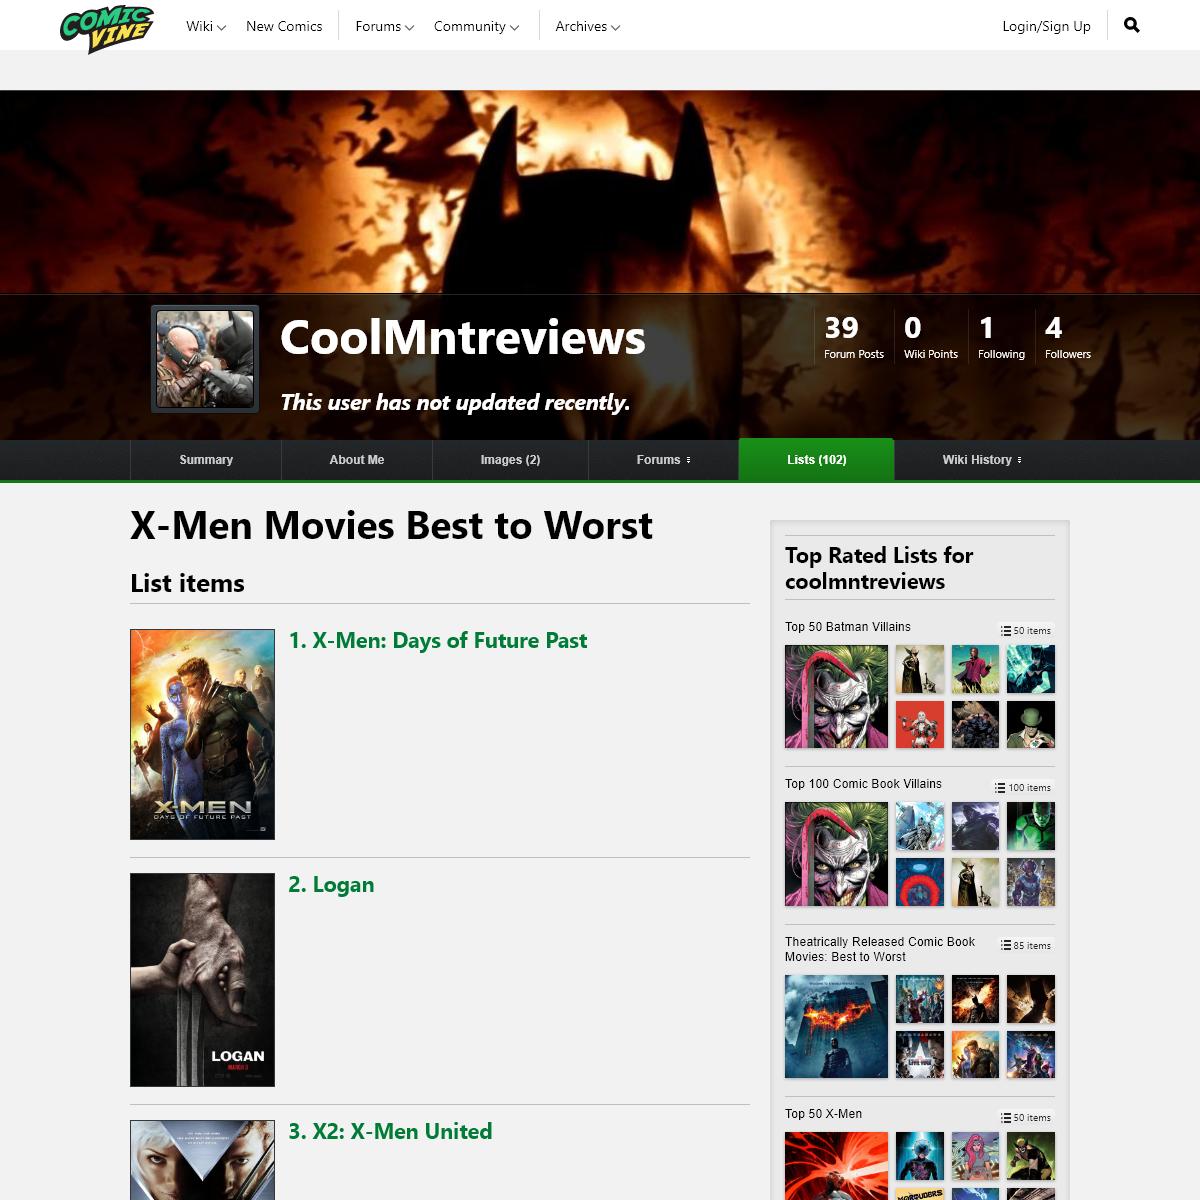 X-Men Movies Best to Worst